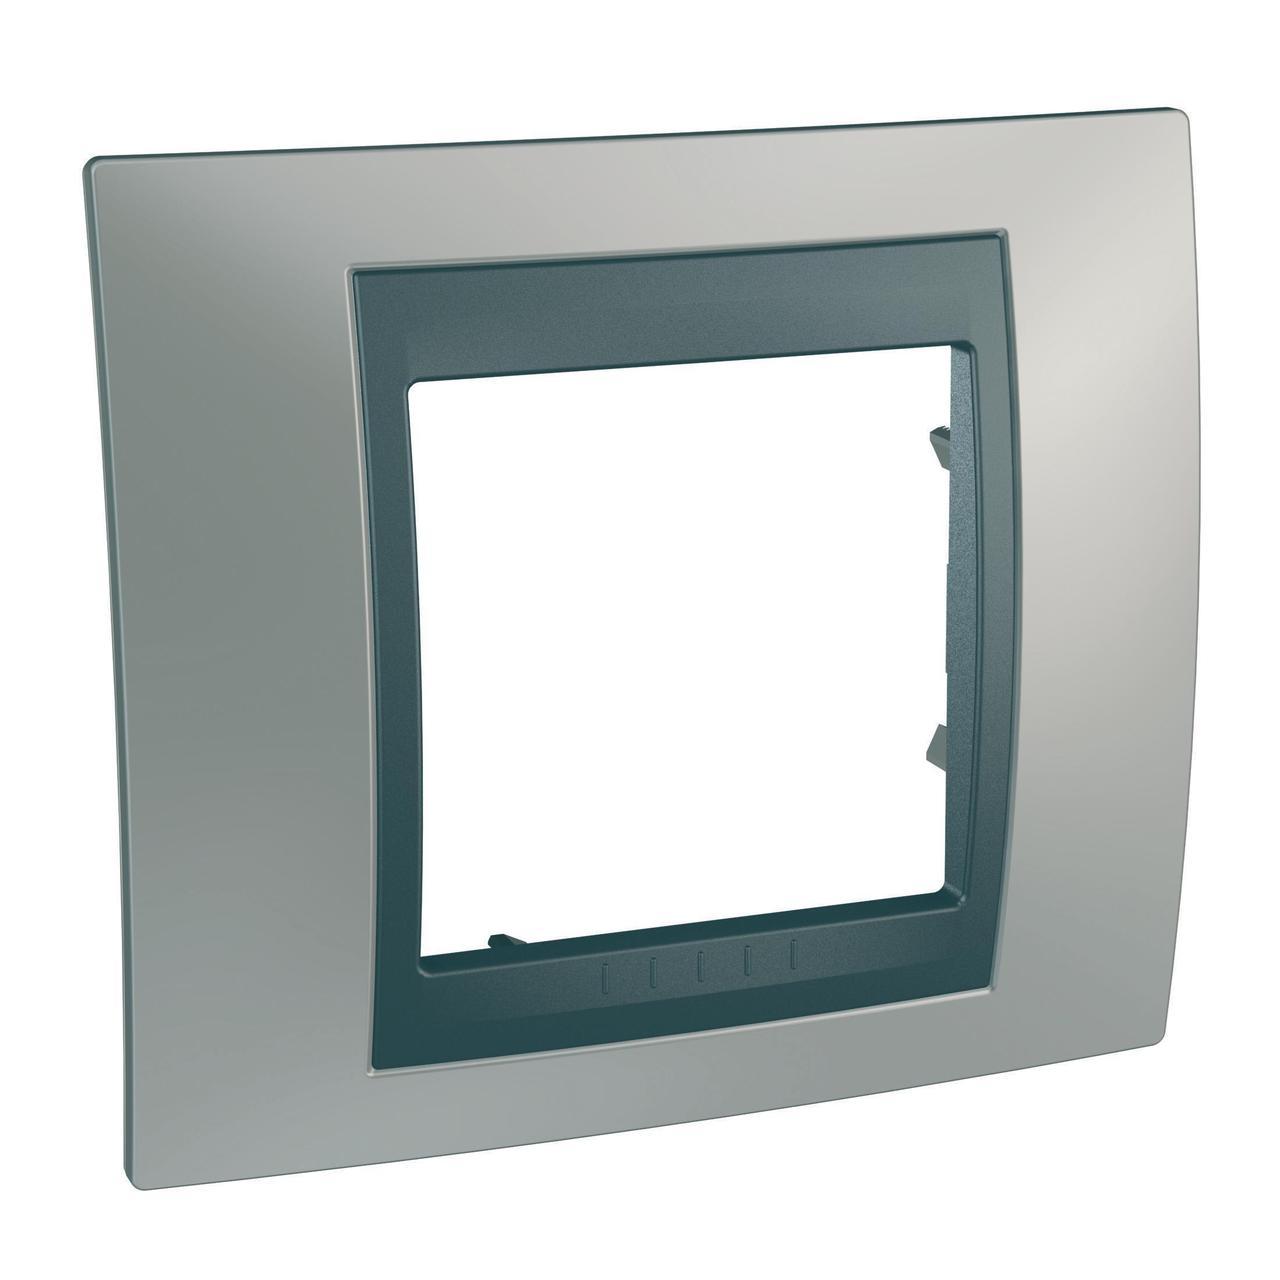 Рамка 1-ая (одинарная), Никель/Графит (металл), серия UNICA TOP/CLASS, Schneider Electric